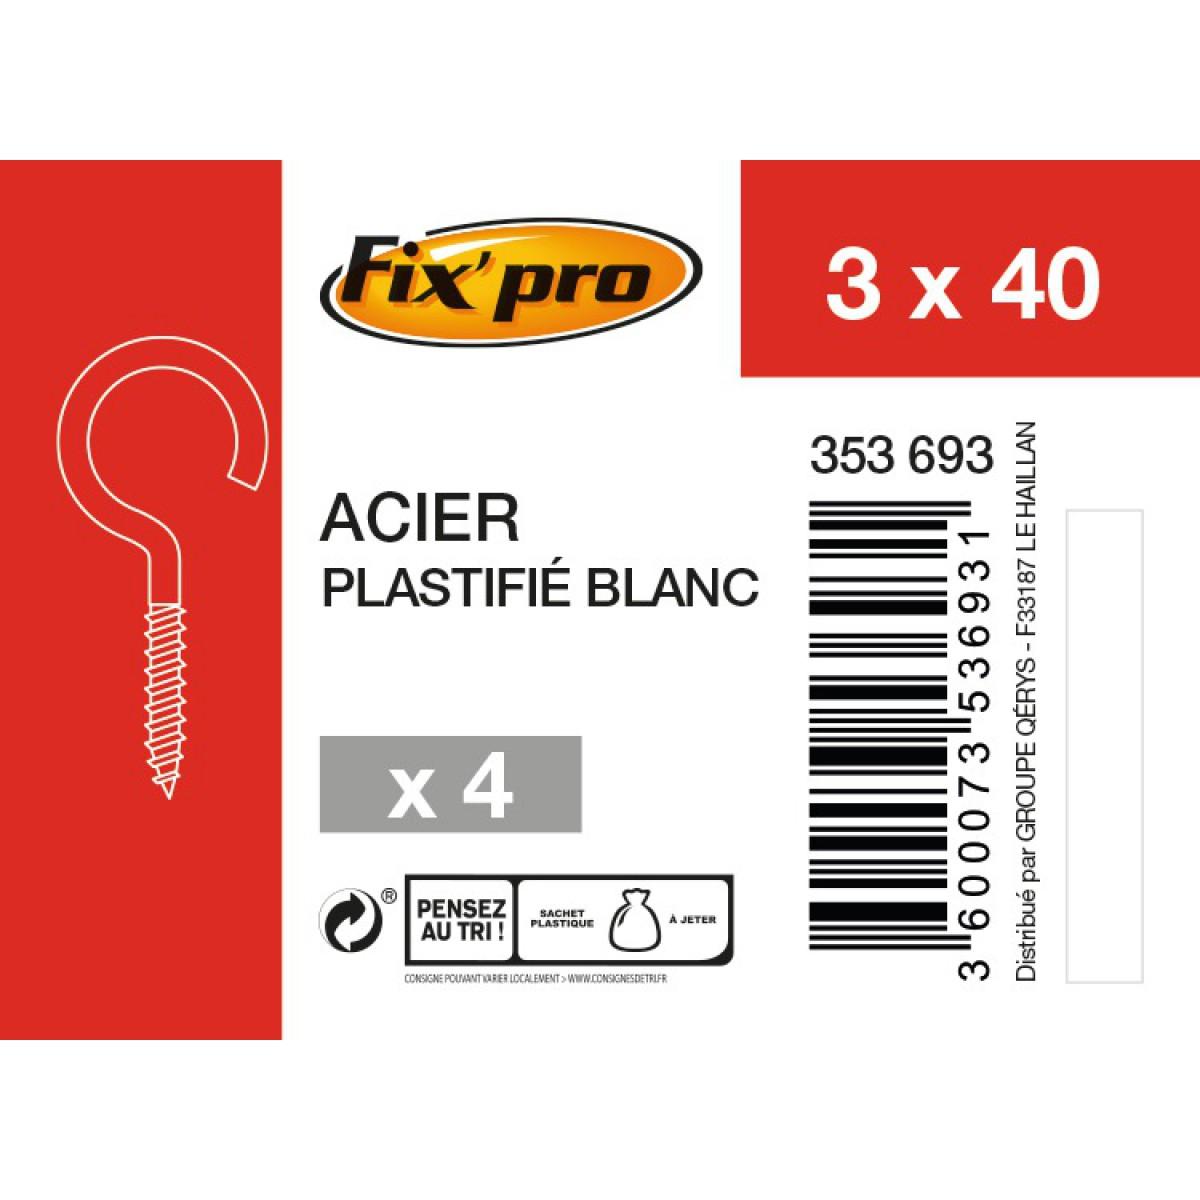 Crochet à visser acier plastifié blanc - 3x40 - 4pces - Fixpro